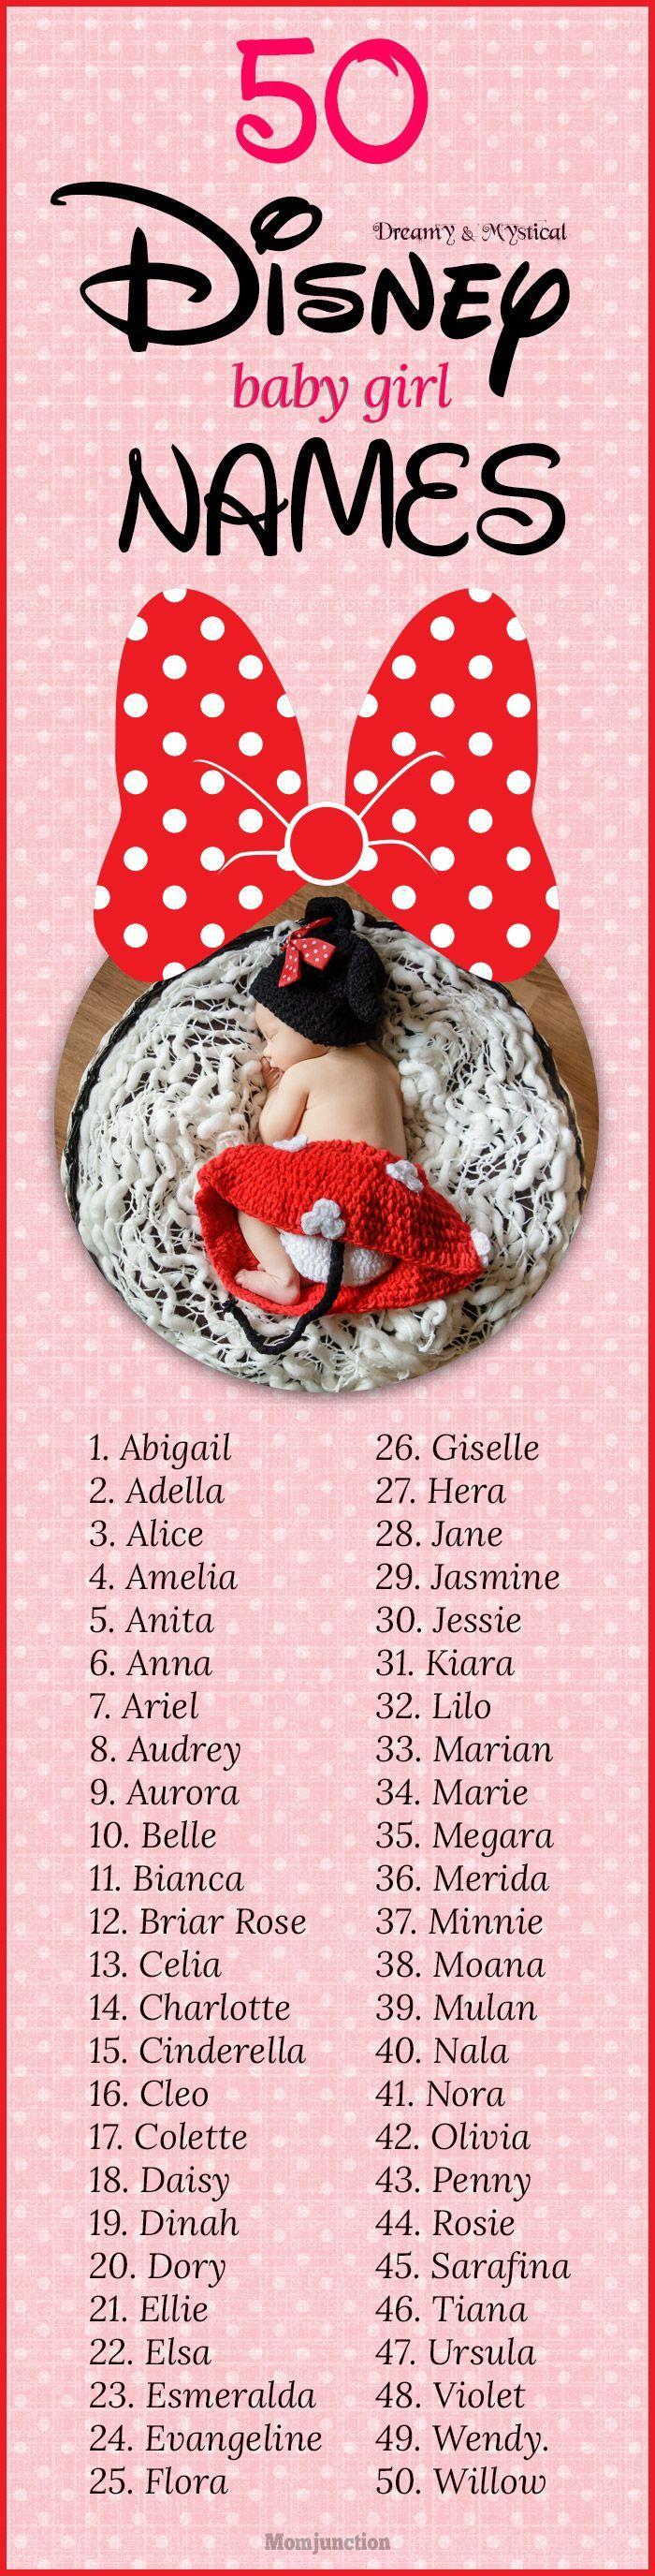 Bikini models list of names-7642